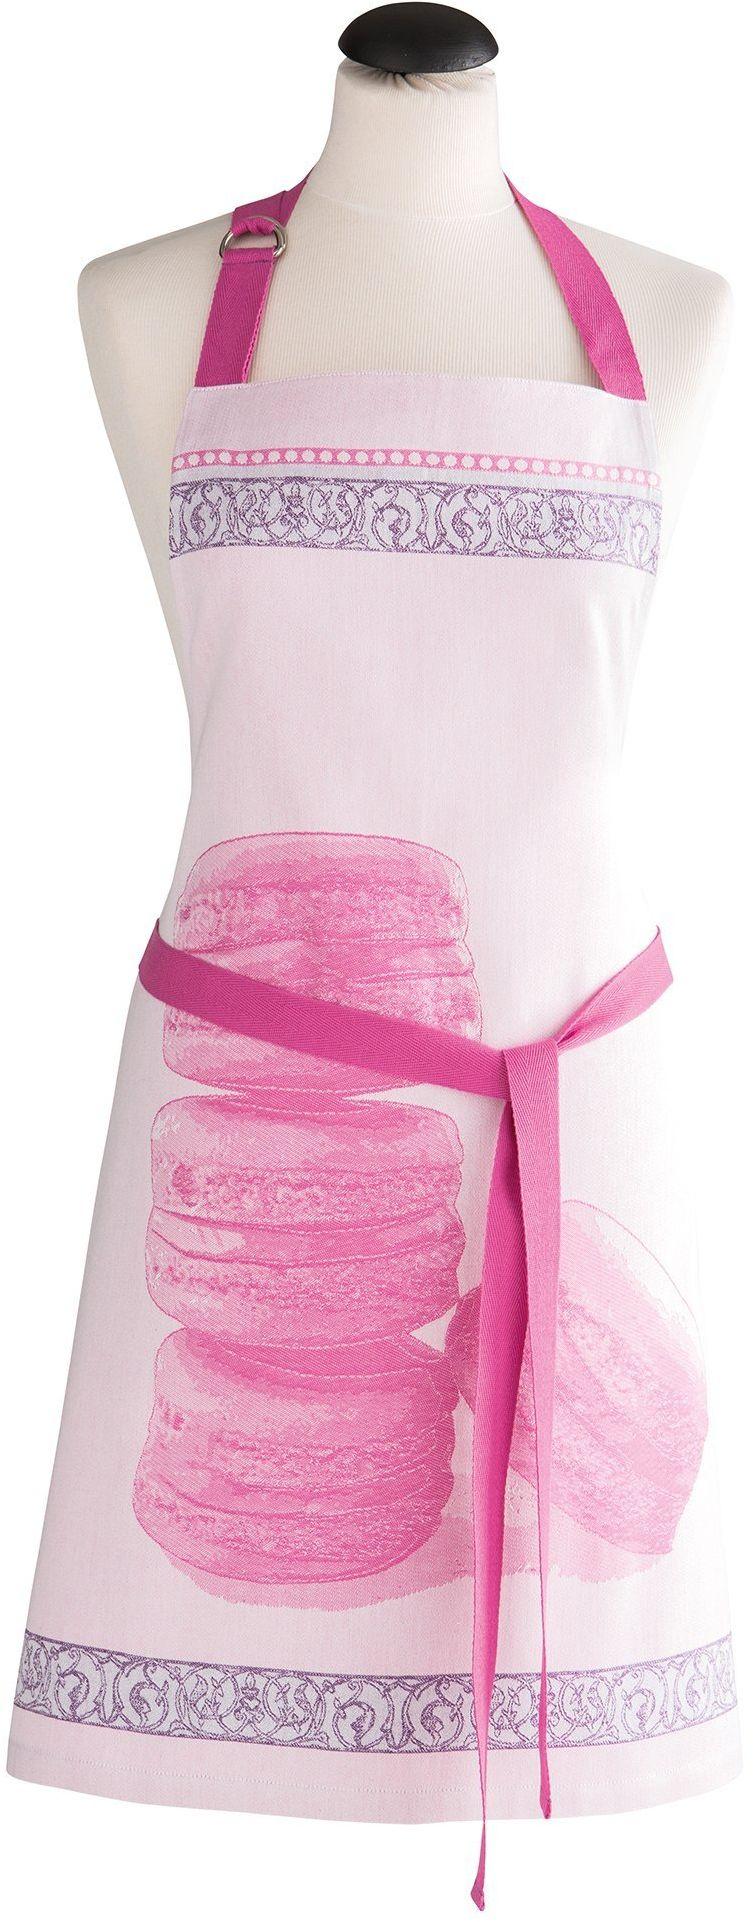 Coucke 3152195087612 Macaron różowy fartuch bawełna 70 x 82 x 0,3 cm